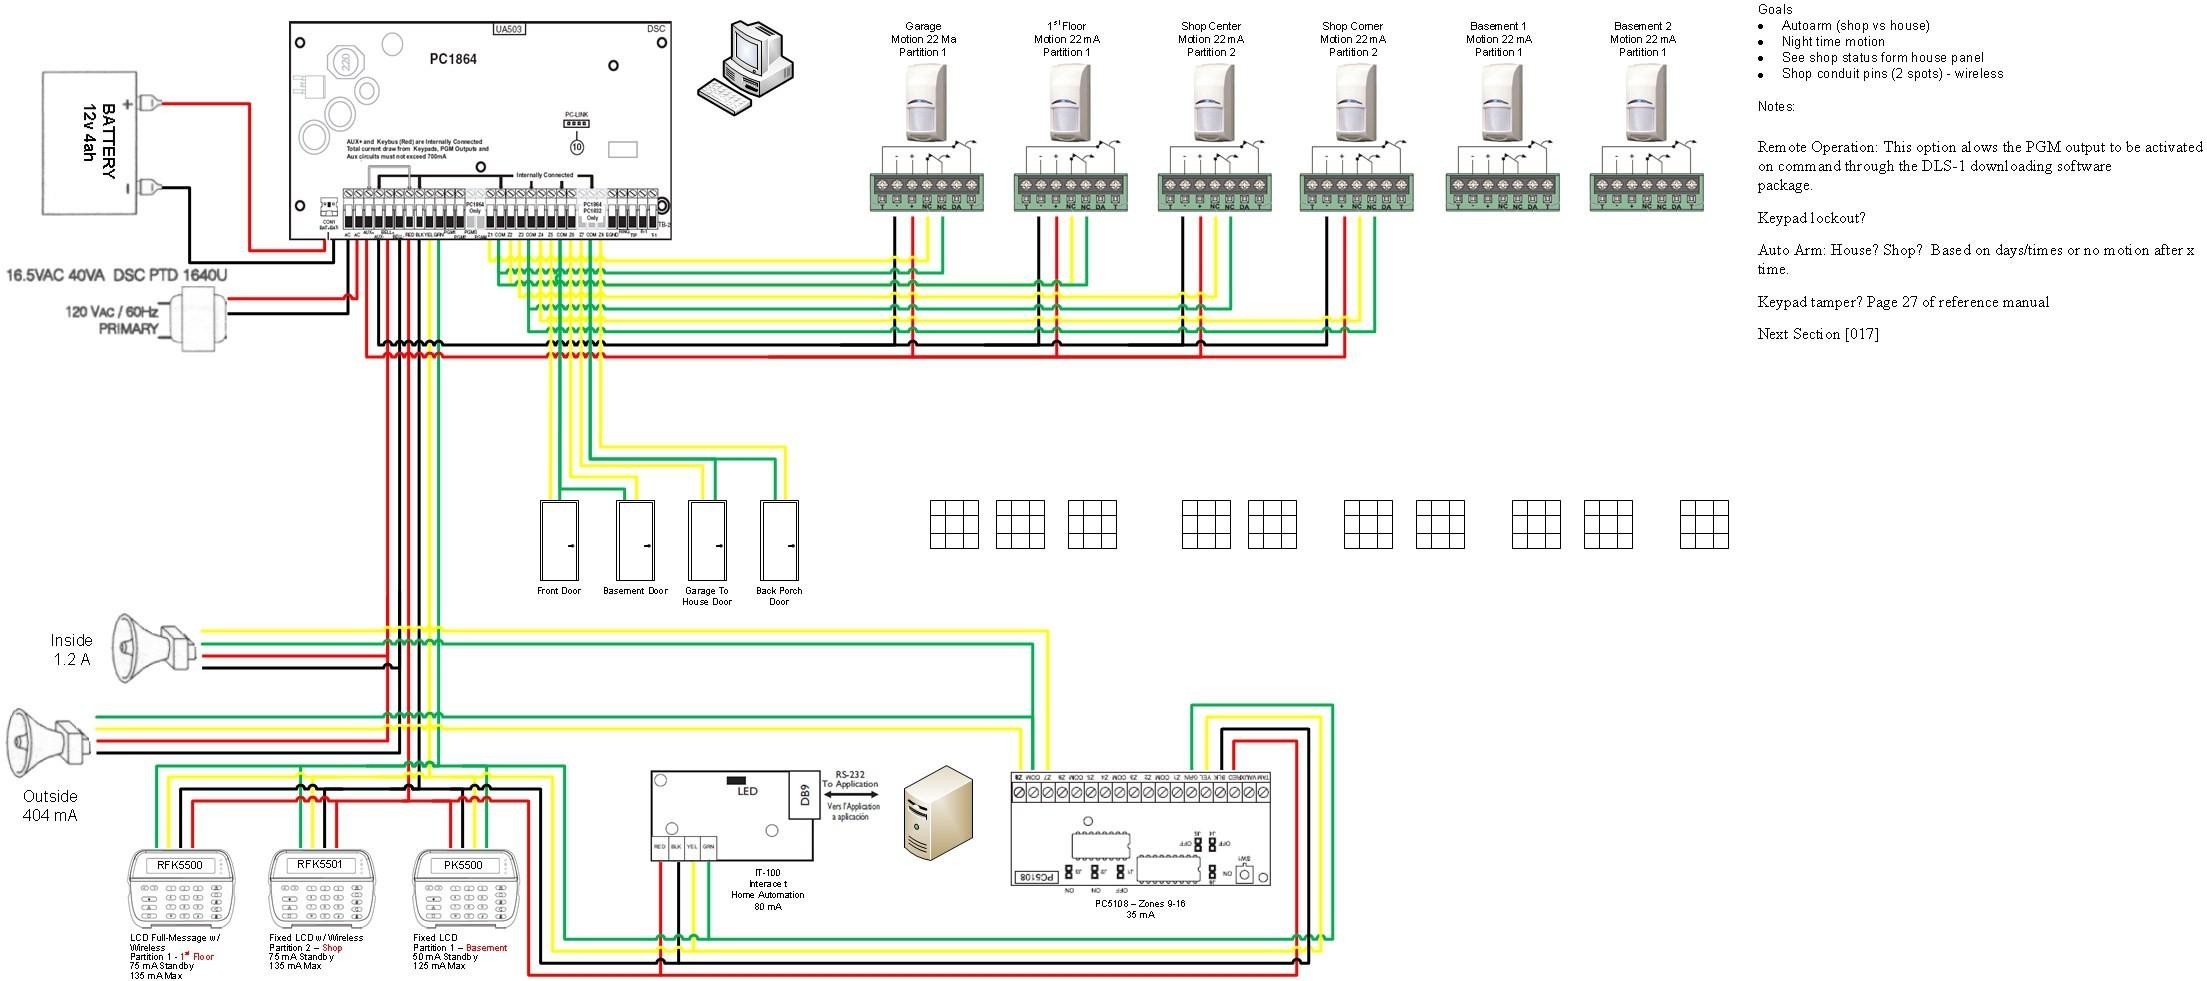 Fire Alarm Wiring Diagram Co Car Alarm Wiring Diagram Get Free Image About Wiring Diagram Of Fire Alarm Wiring Diagram